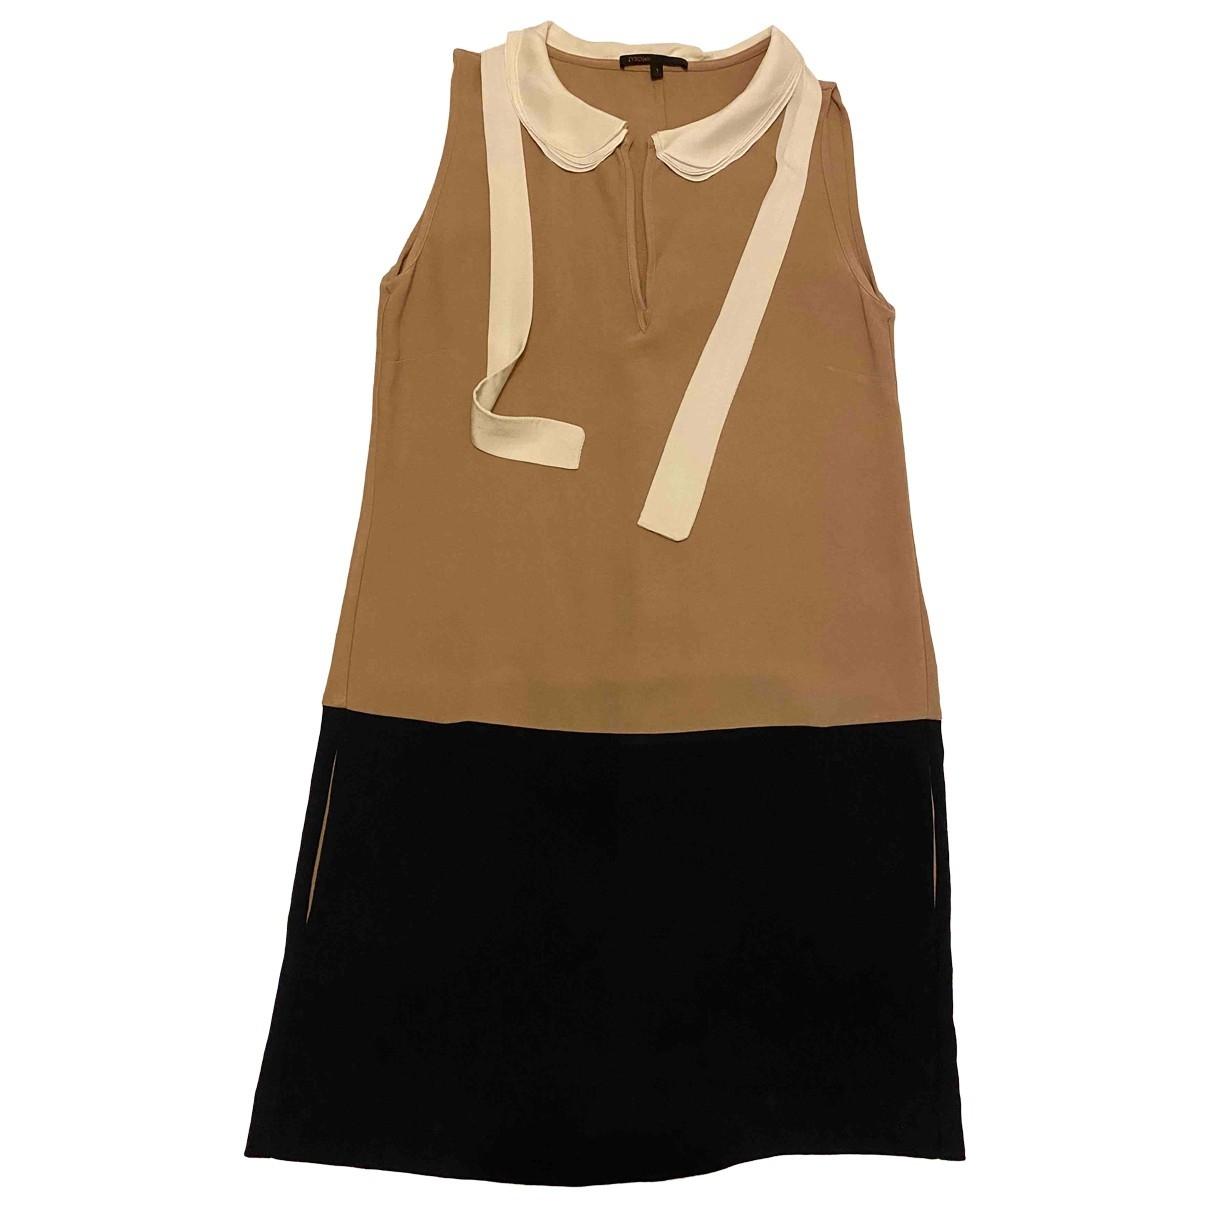 Maje \N Beige dress for Women 1 0-5